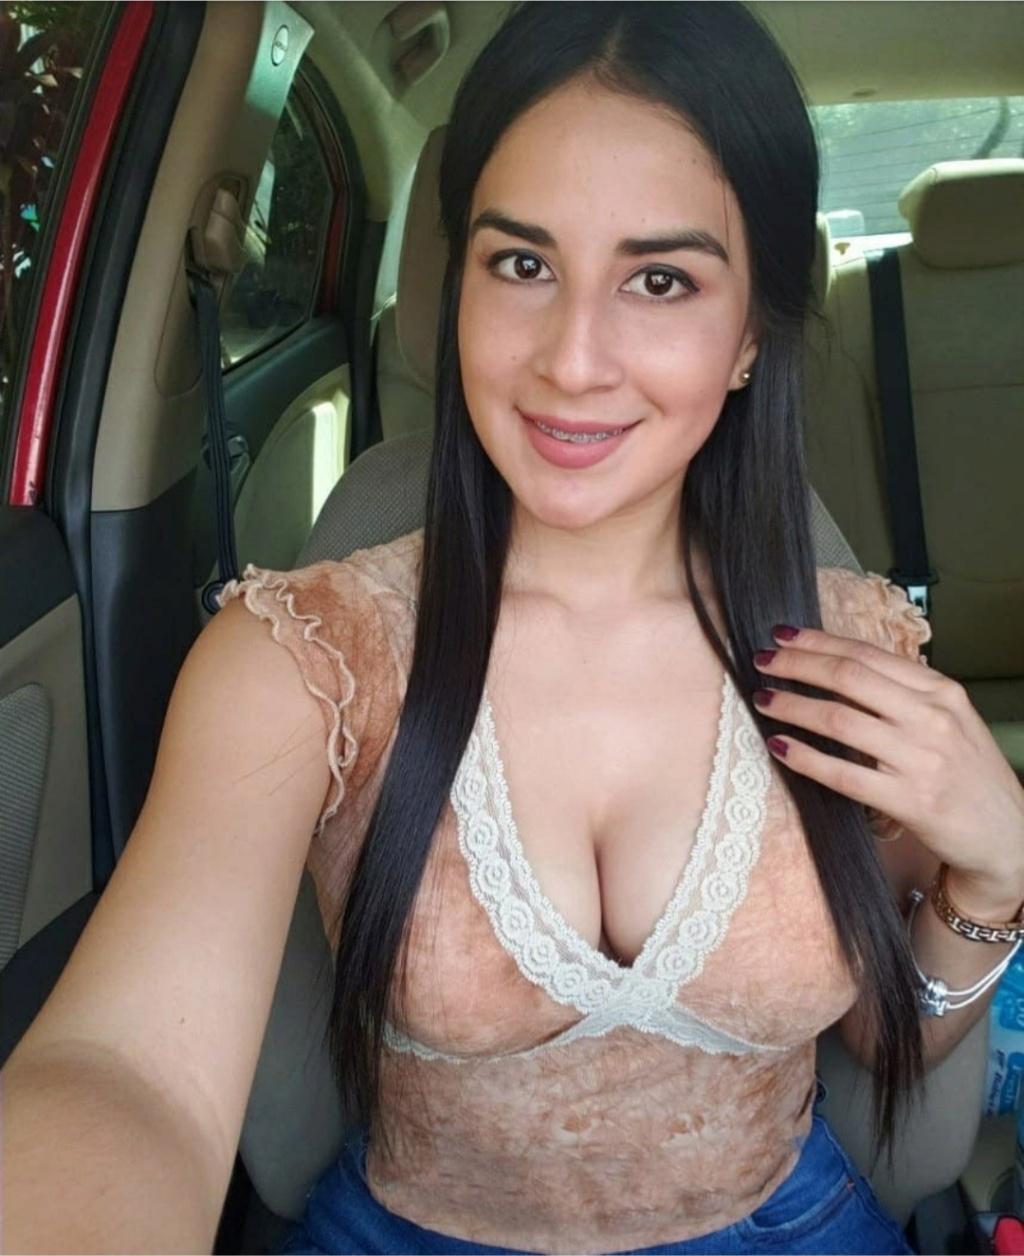 DEBATE sobre belleza, guapura y hermosura (fotos de chicas latinas, mestizas, y de todo) - VOL II - Página 14 Img_2648